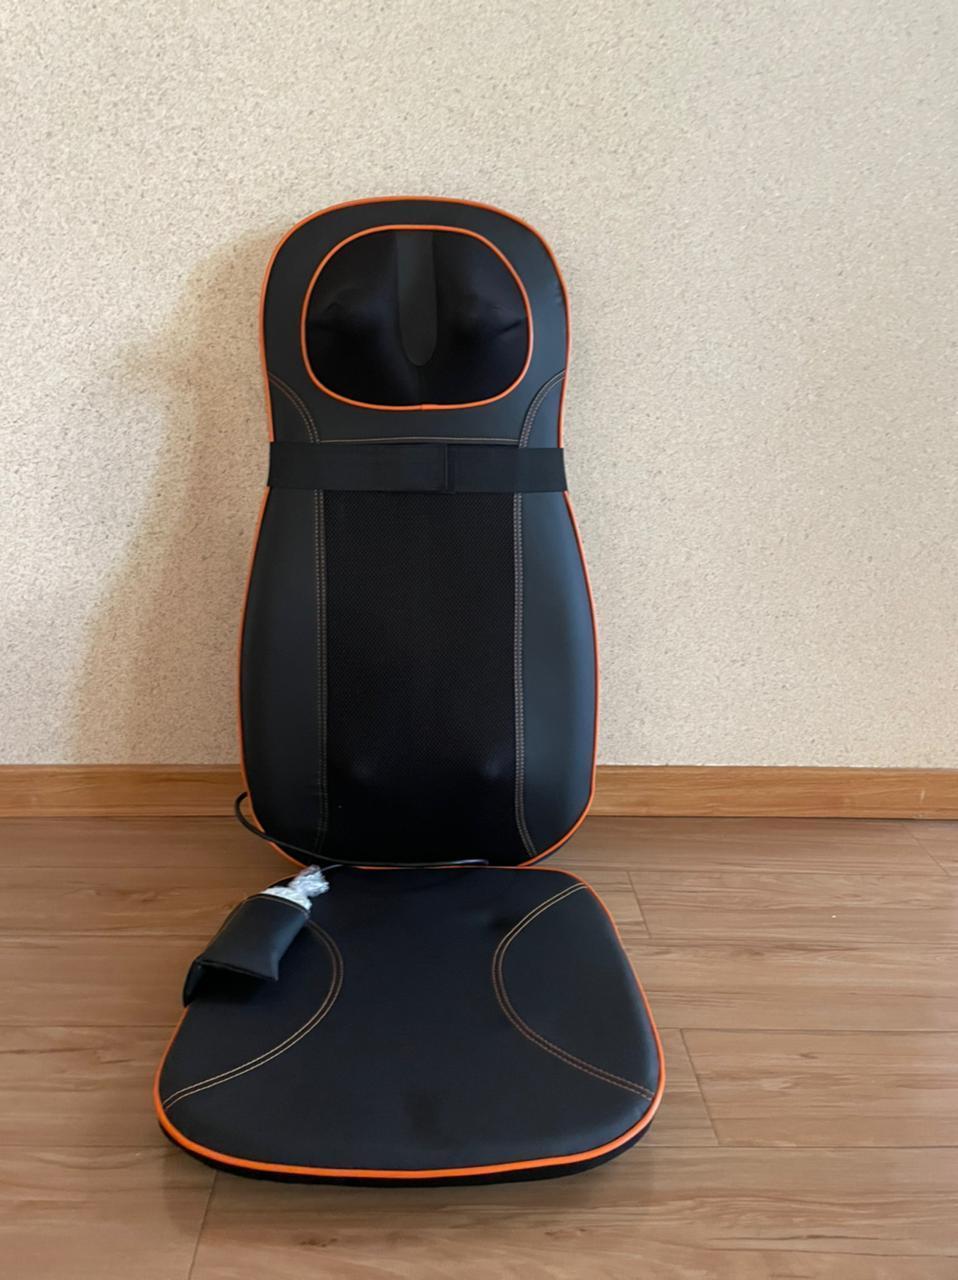 Массажное кресло, массажная накидка на авто - фото 1